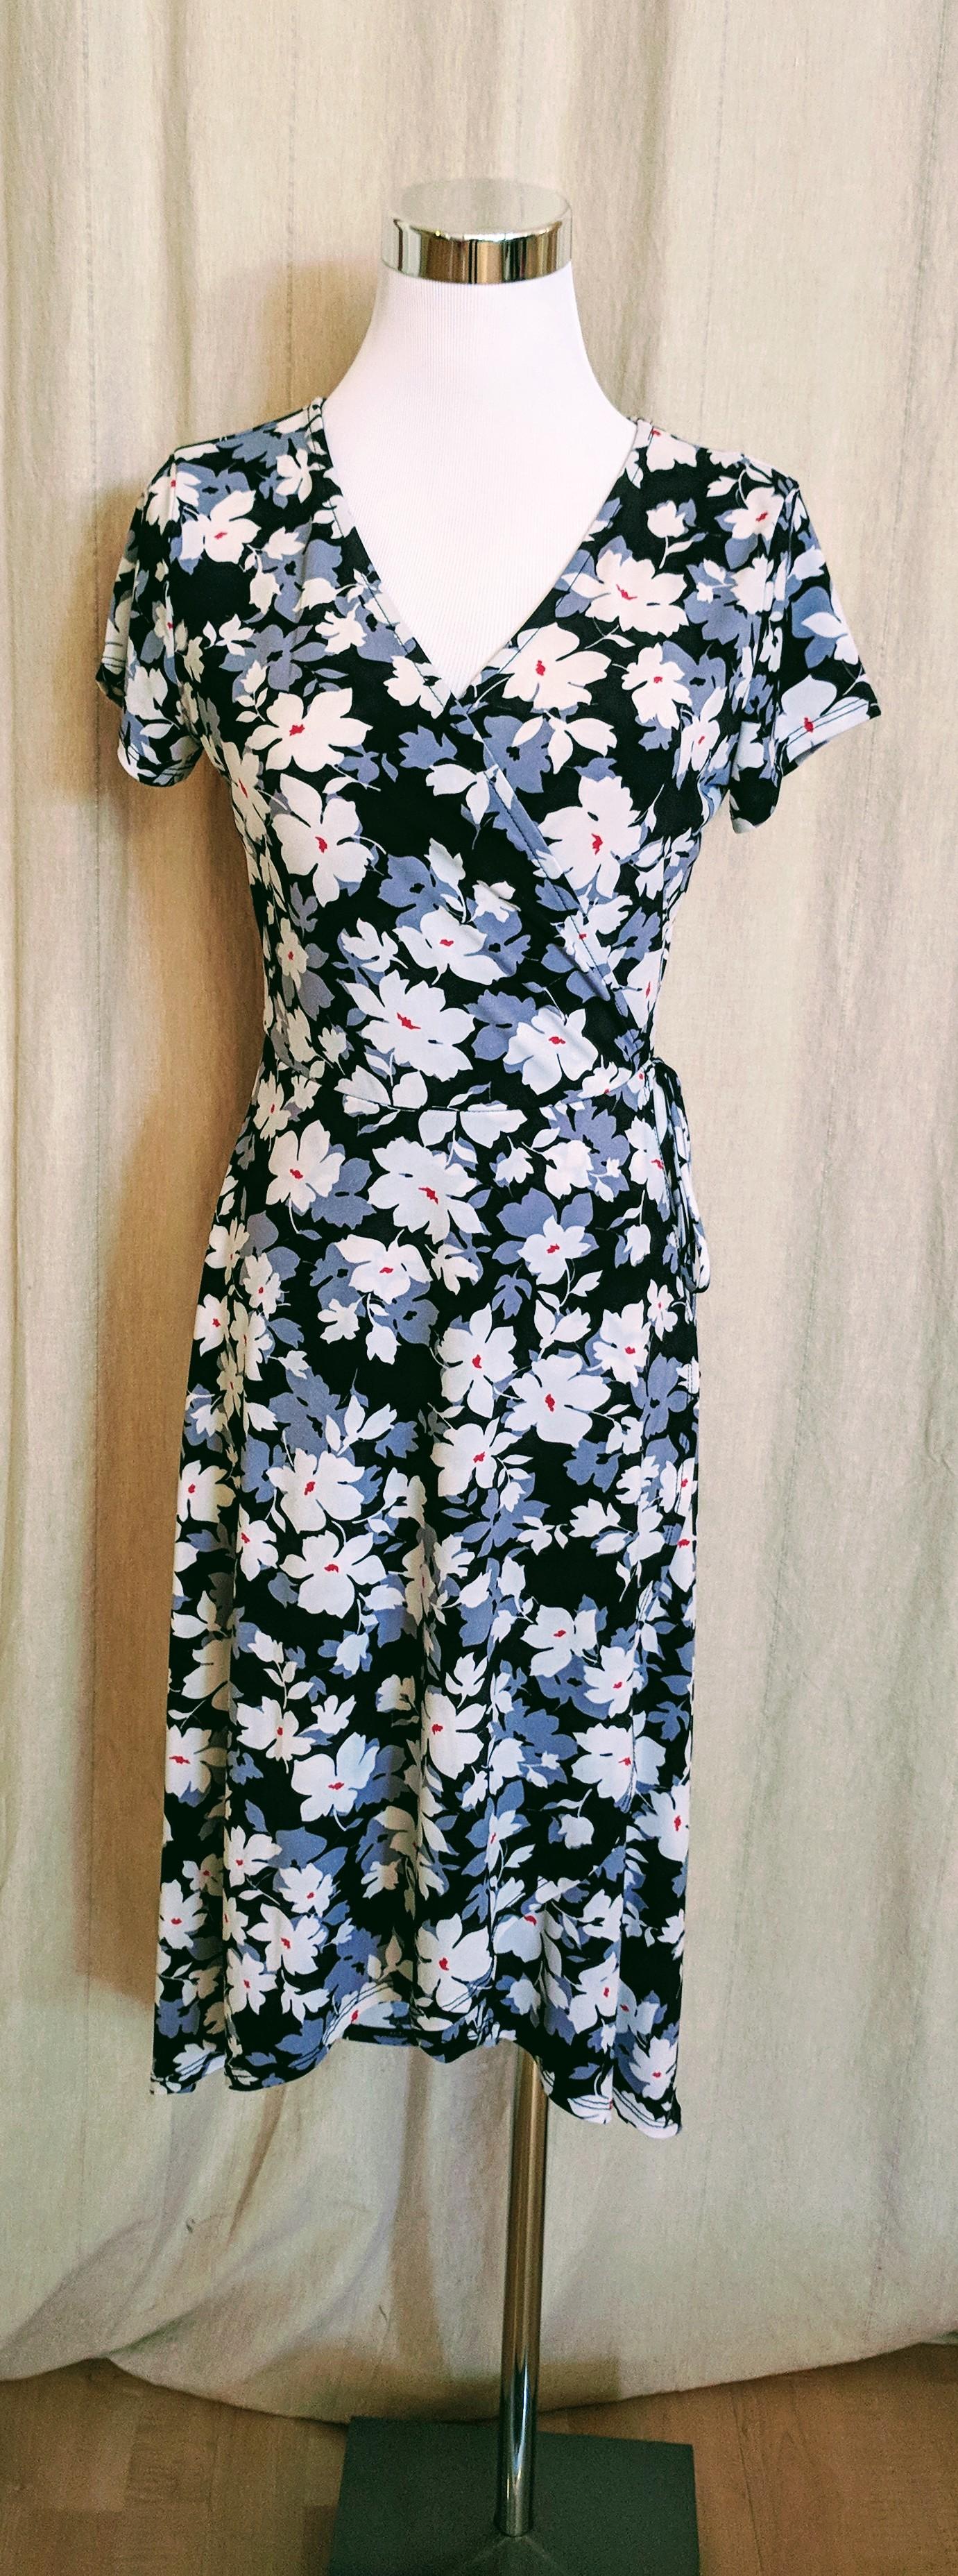 Black floral faux wrap midi dress. $52